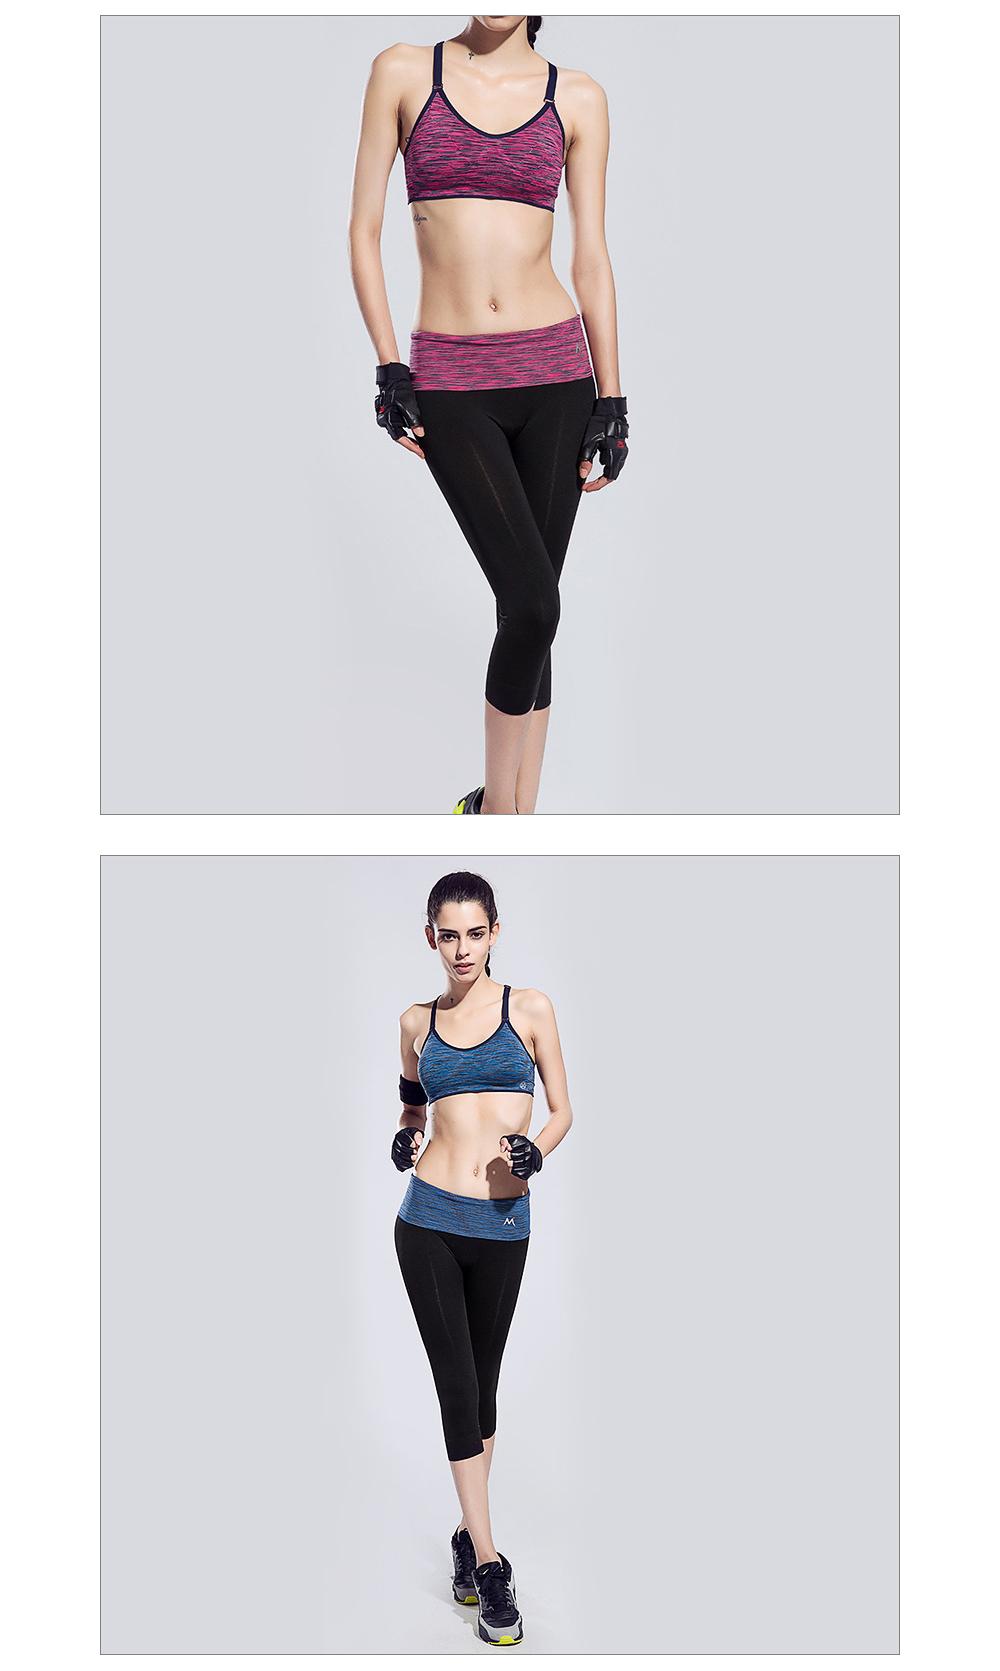 Ensemble de sport pour femme violet et noir / bleu et noir, leggings, brassière, soutien-gorge et T-shirt, yoga fitness pilâtes gym, modèles portés par un mannequin